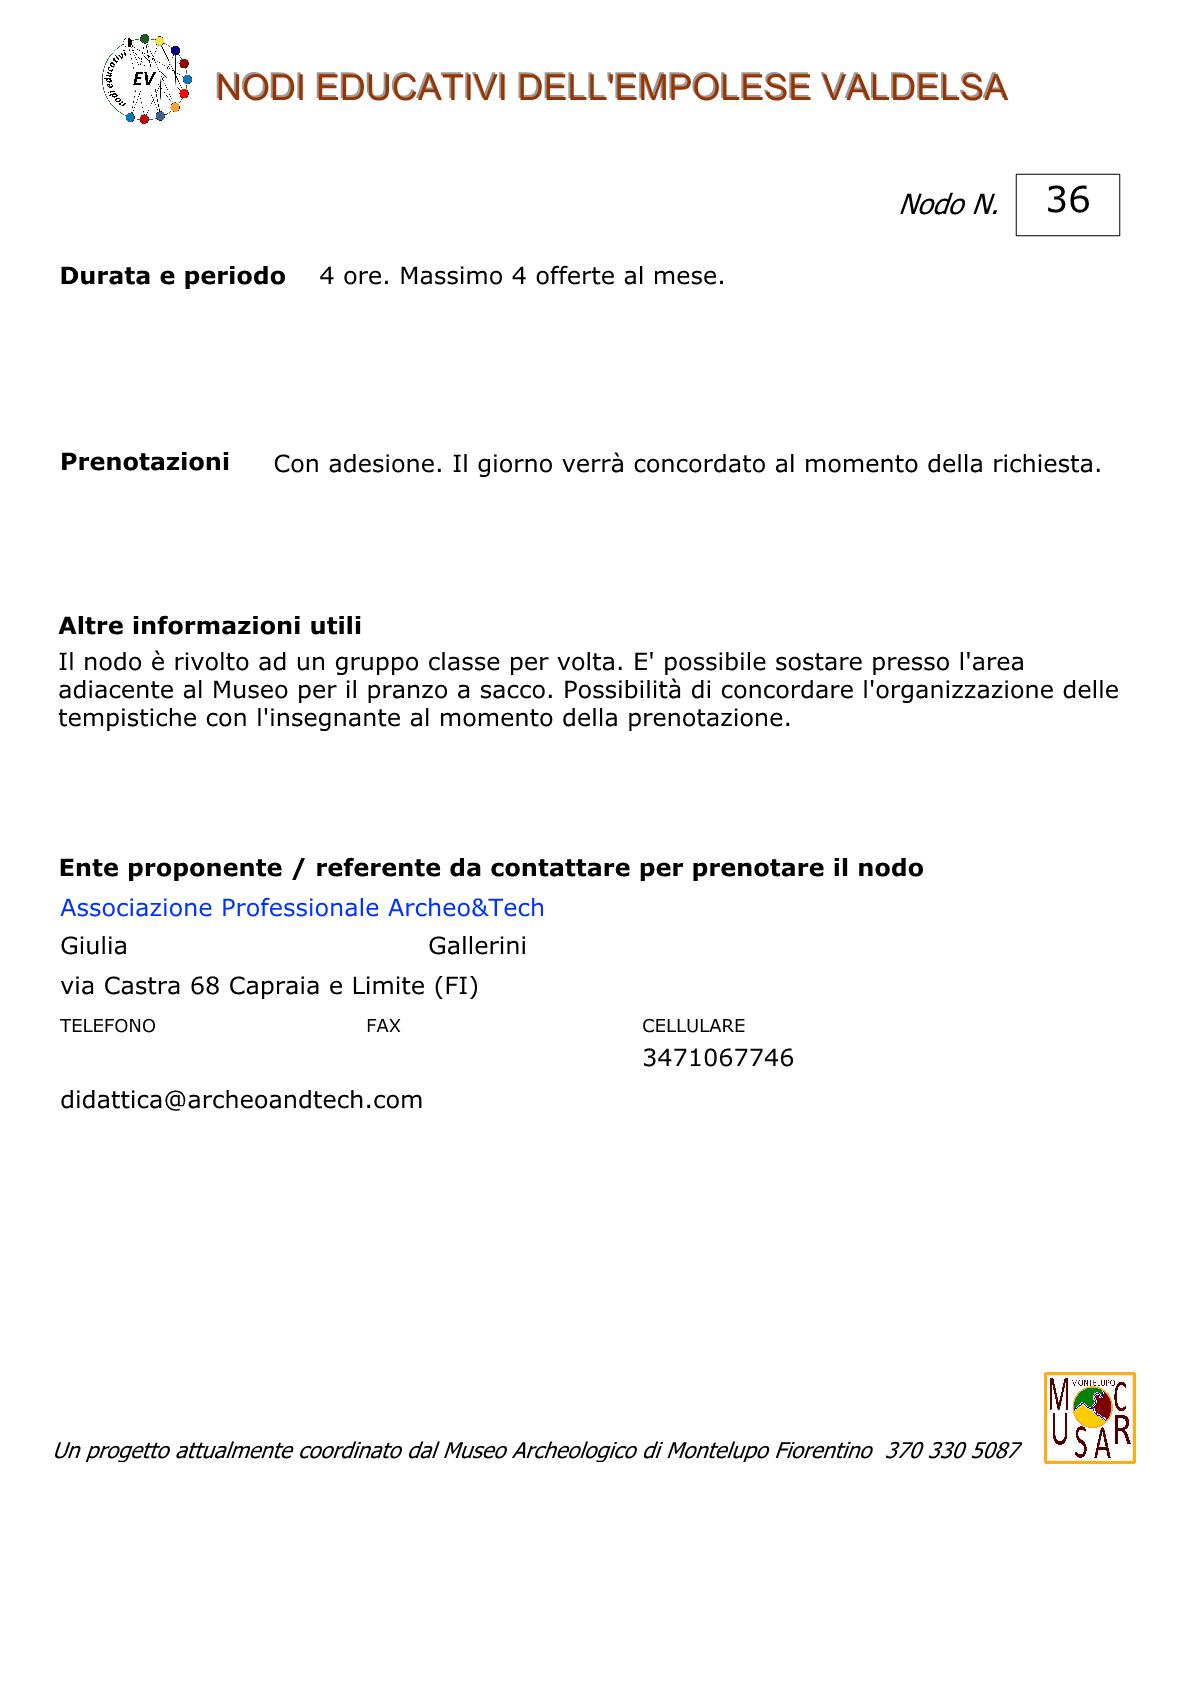 nodi-ev-161001-n-0363